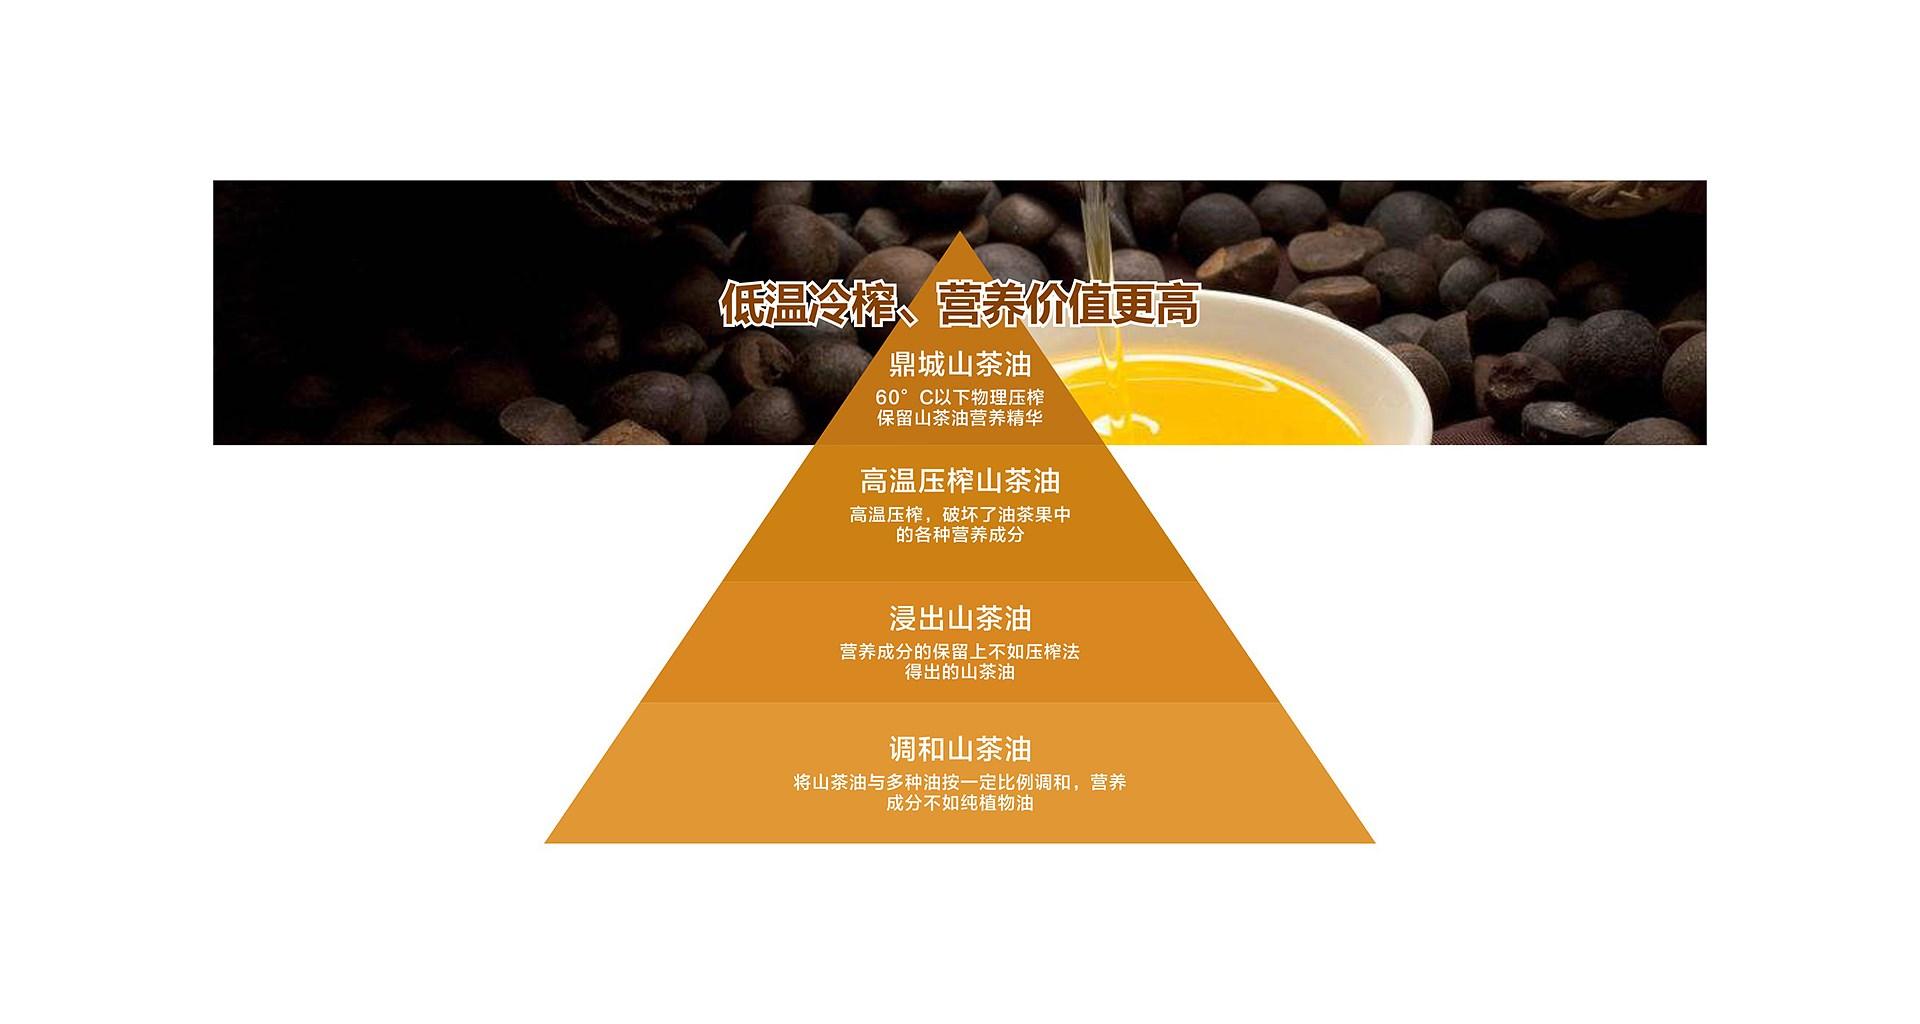 鼎城茶油_0012.JPG